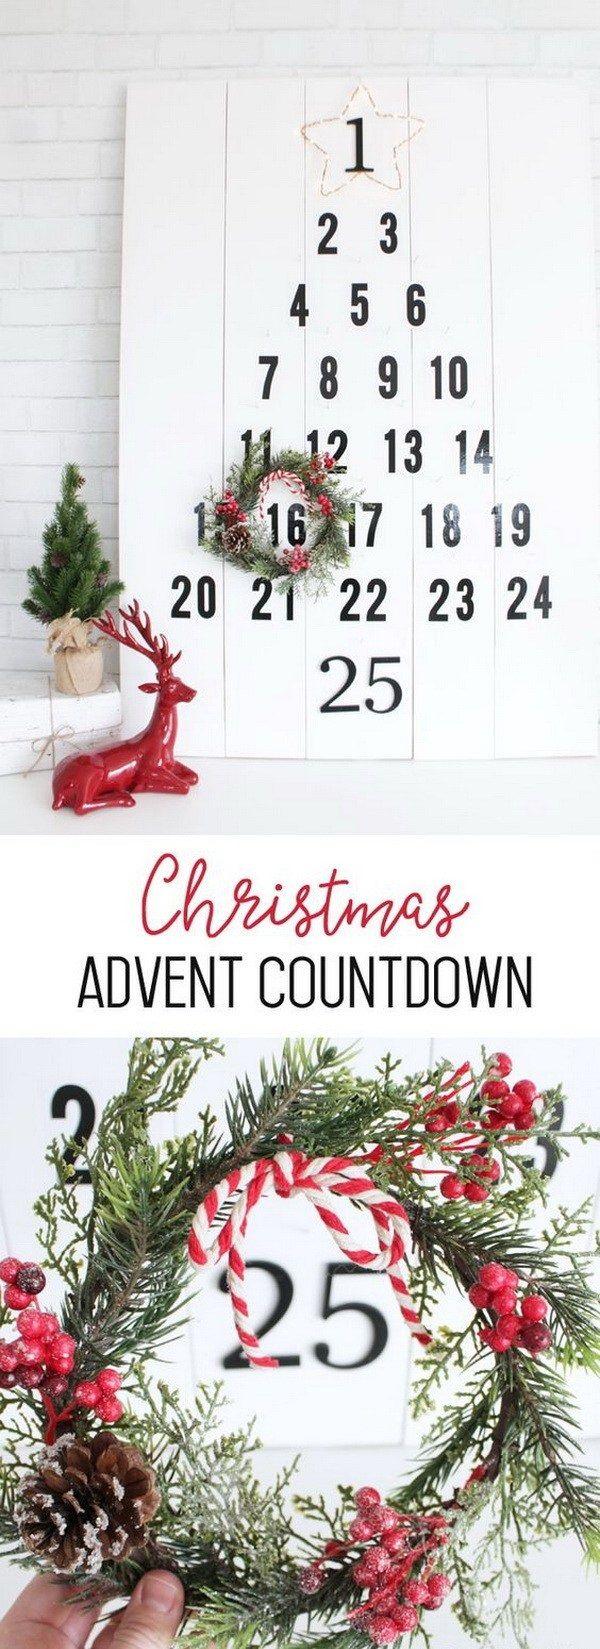 15 Best Christmas Decor for Household